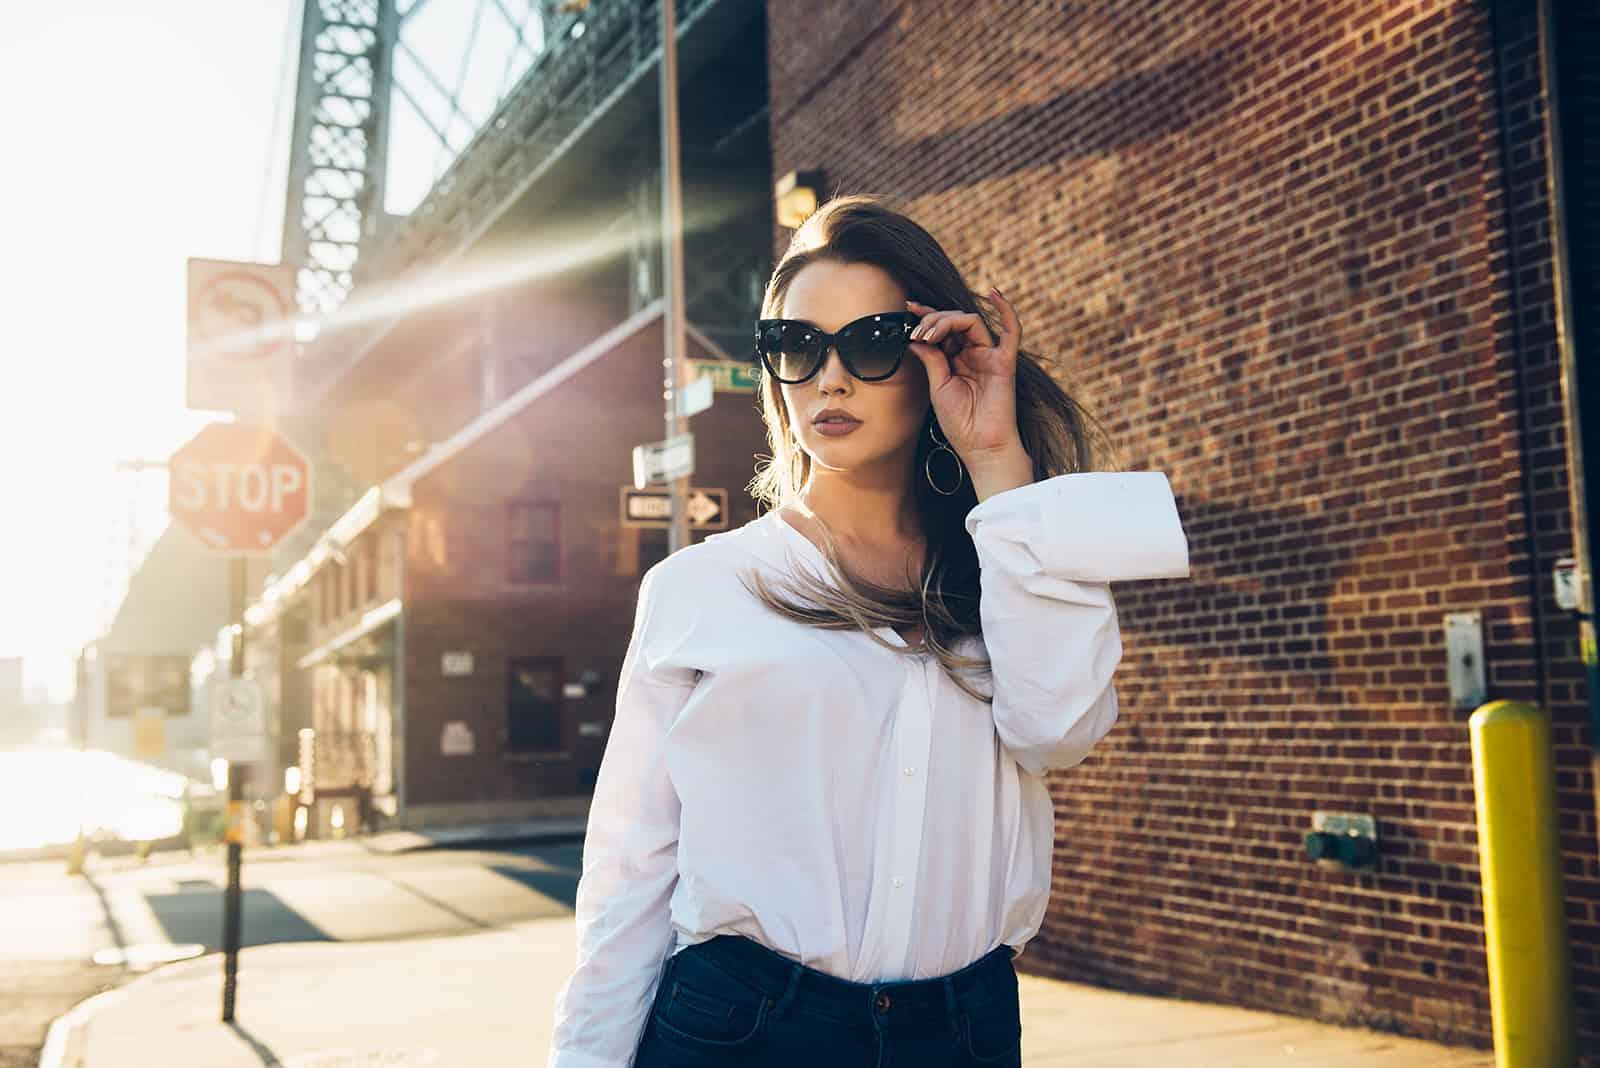 Frau berührt ihre Sonnenbrille, die alleine auf dem Bürgersteig geht